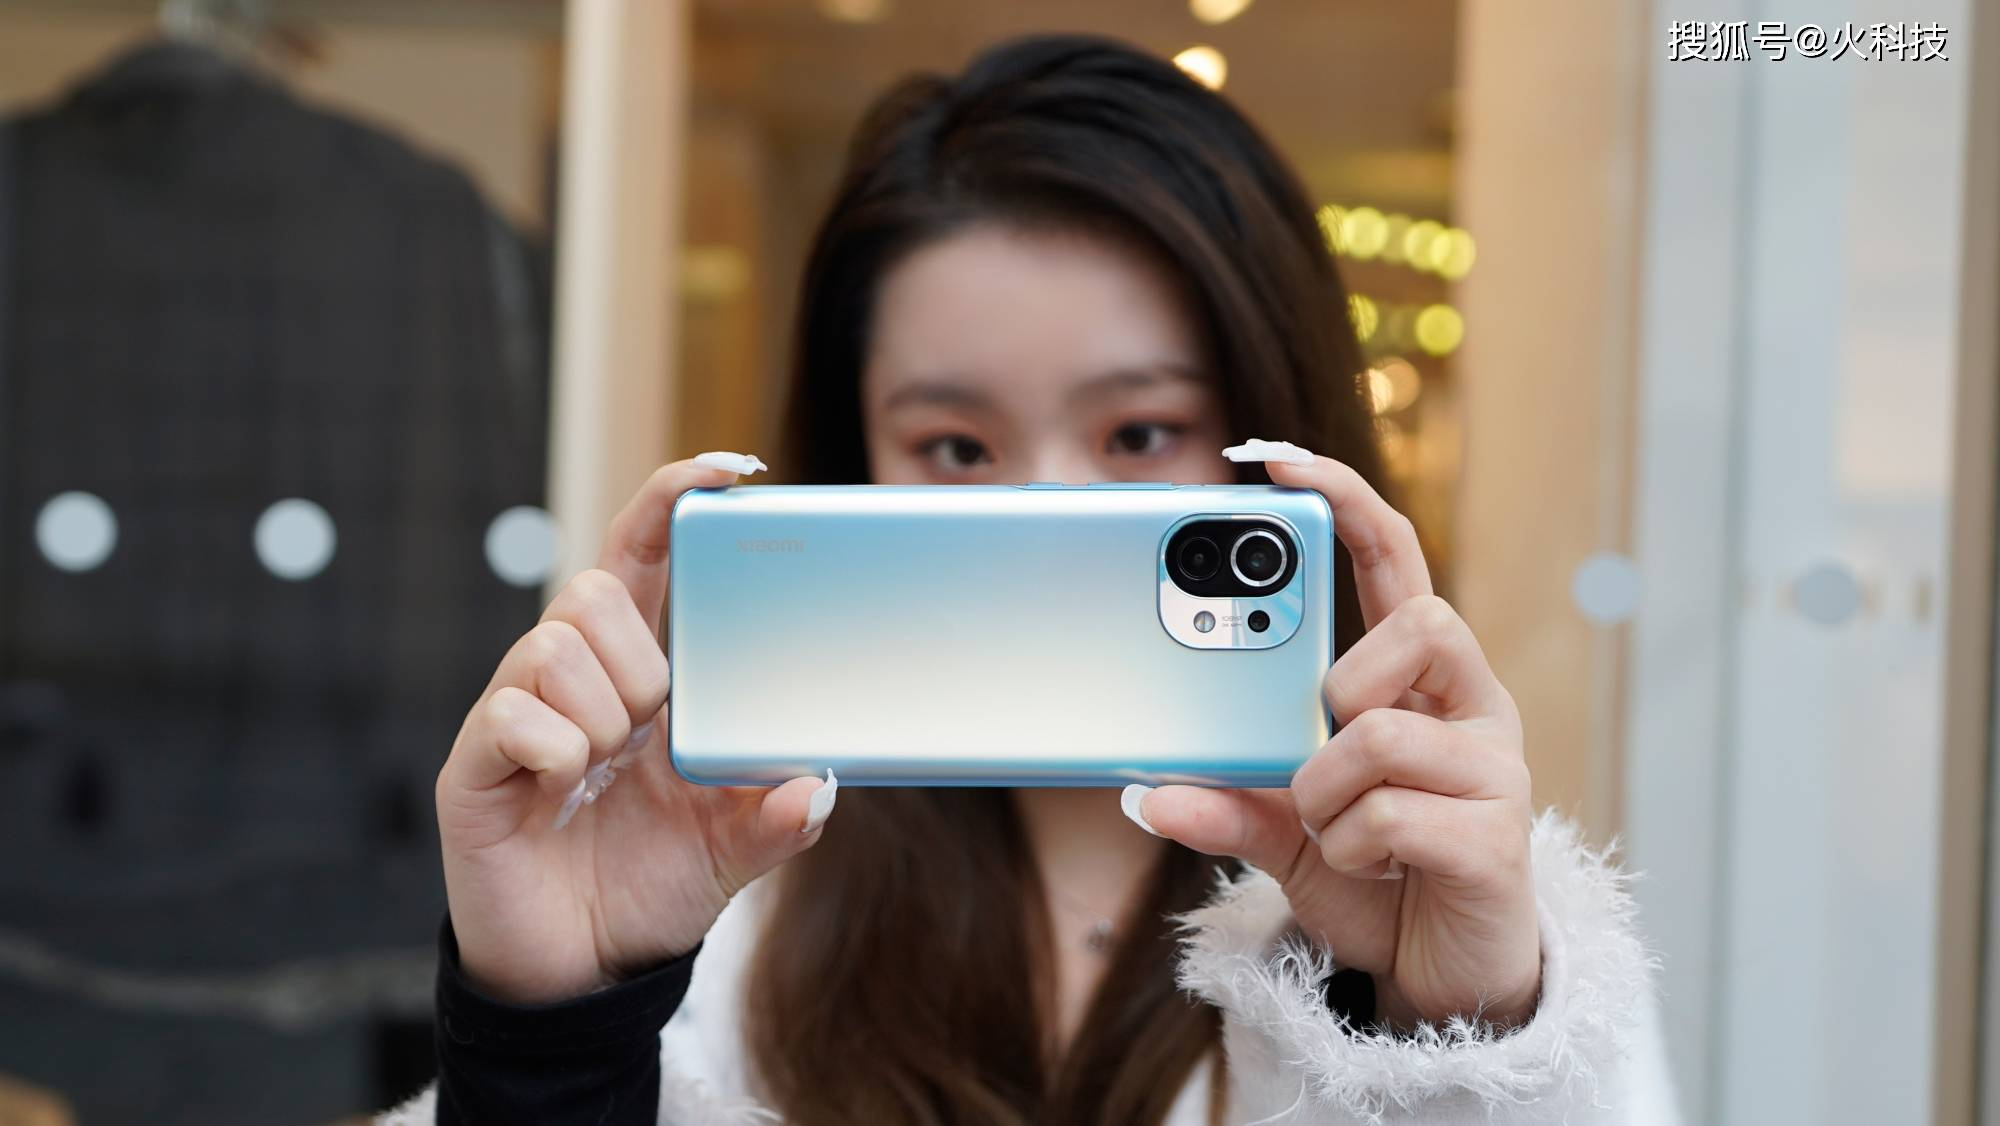 原创             要过年了如果叫你买小米手机你会买吗?小米四款值得选择的手机